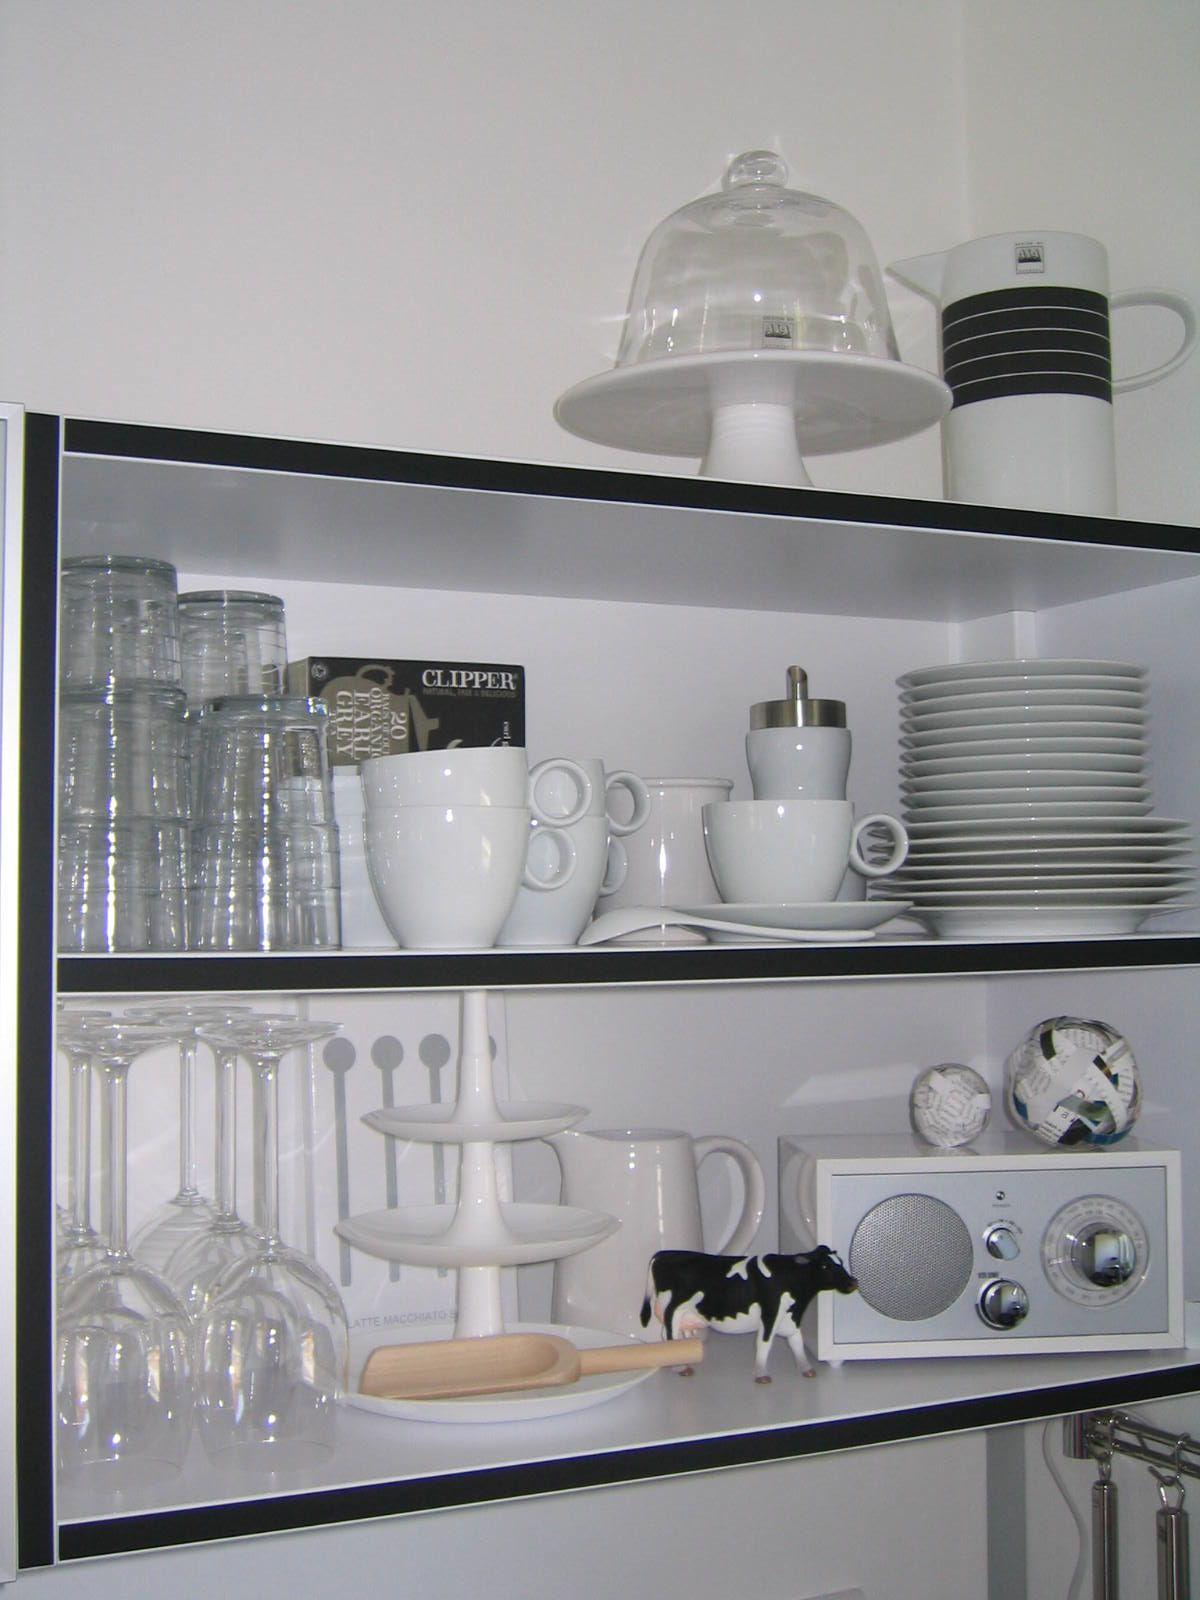 Tolle Diy Küchenregal Ideen Galerie - Küchenschrank Ideen ...